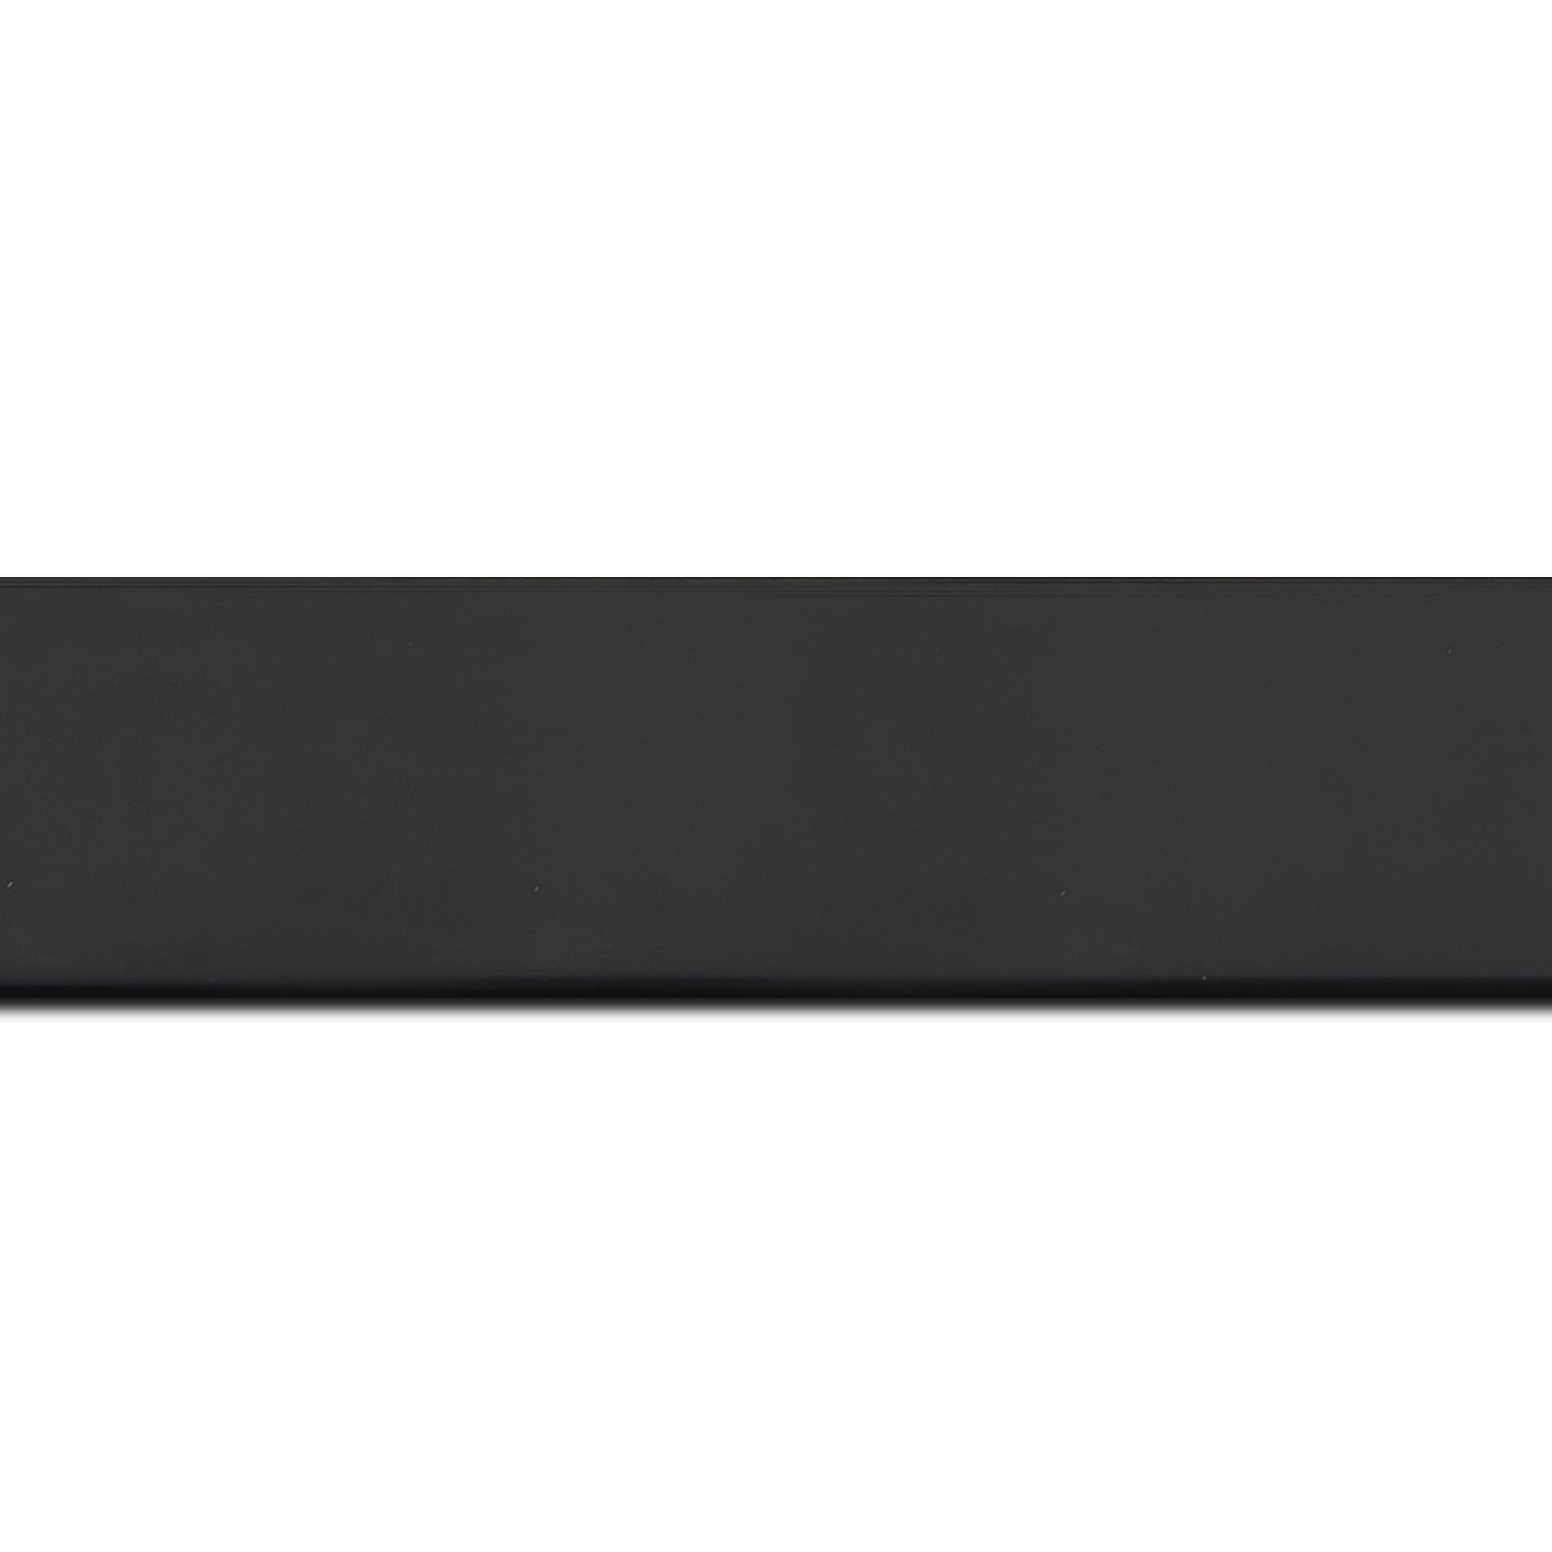 Pack par 12m, bois profil plat largeur 4.1cm couleur noir mat finition pore bouché(longueur baguette pouvant varier entre 2.40m et 3m selon arrivage des bois)